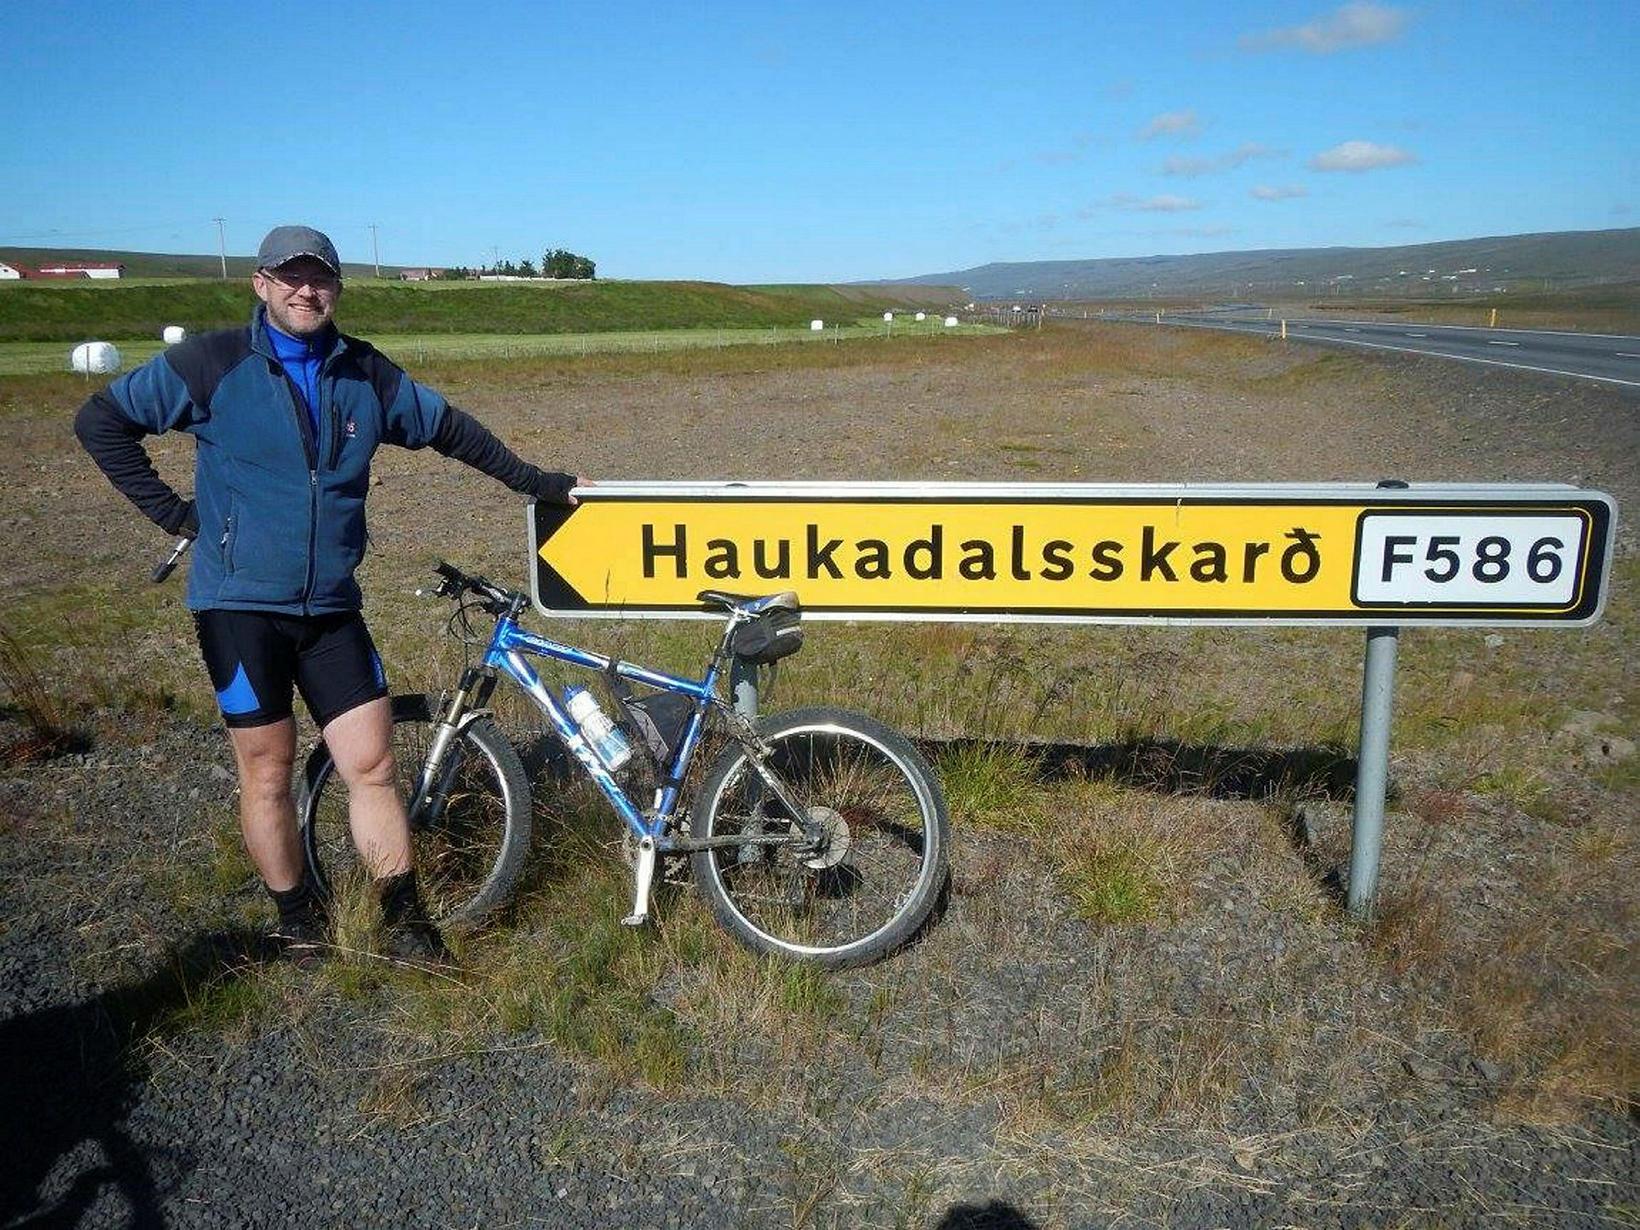 HAukur og ellefu ára gamli jálkurinn á leið í Haukadalsskarð.